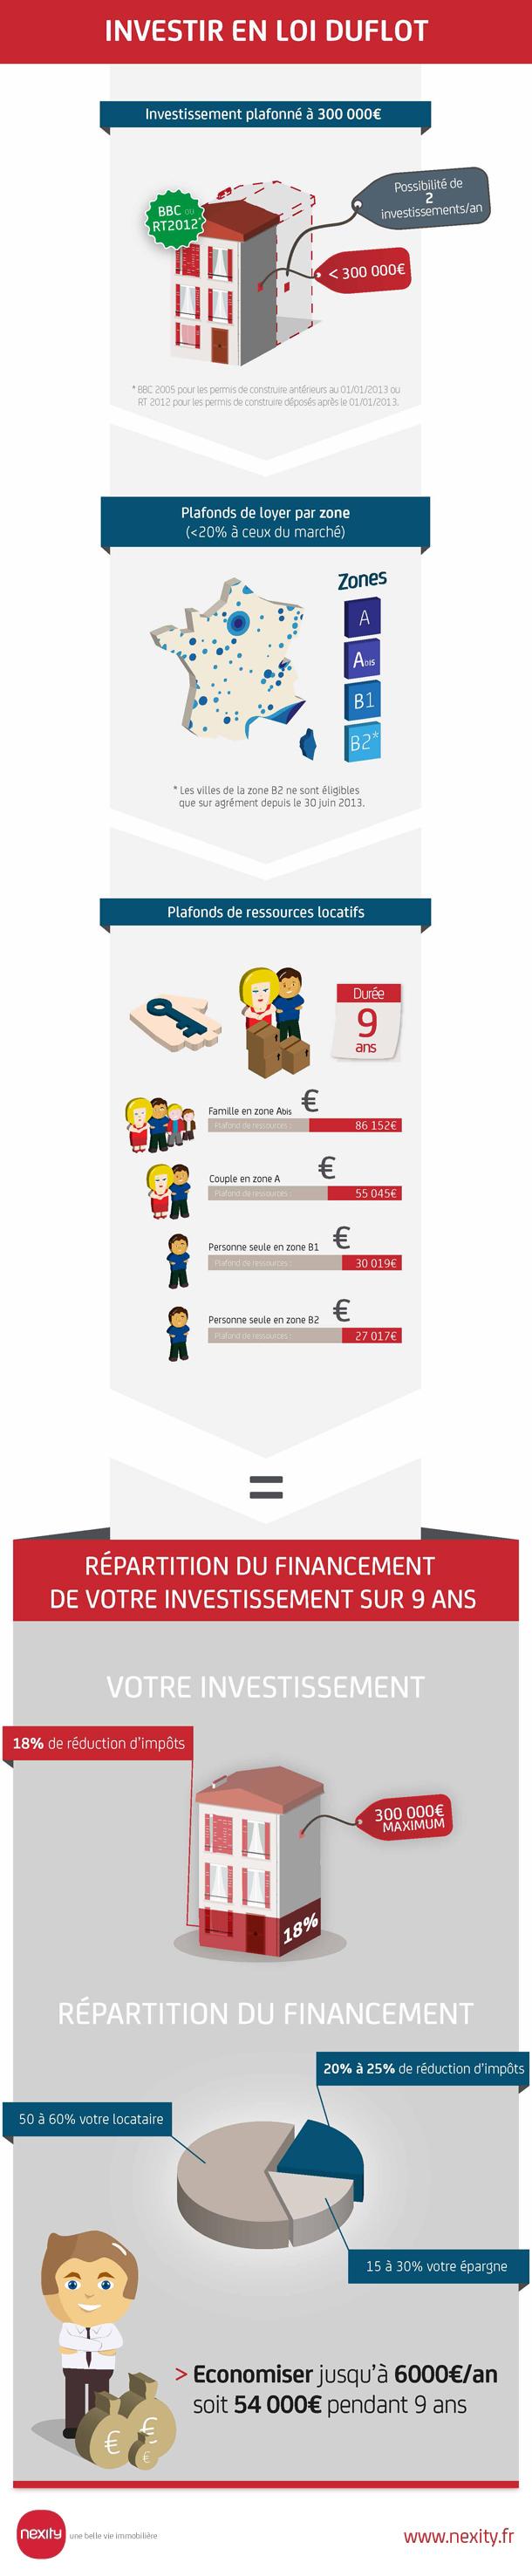 Infographie loi Duflot